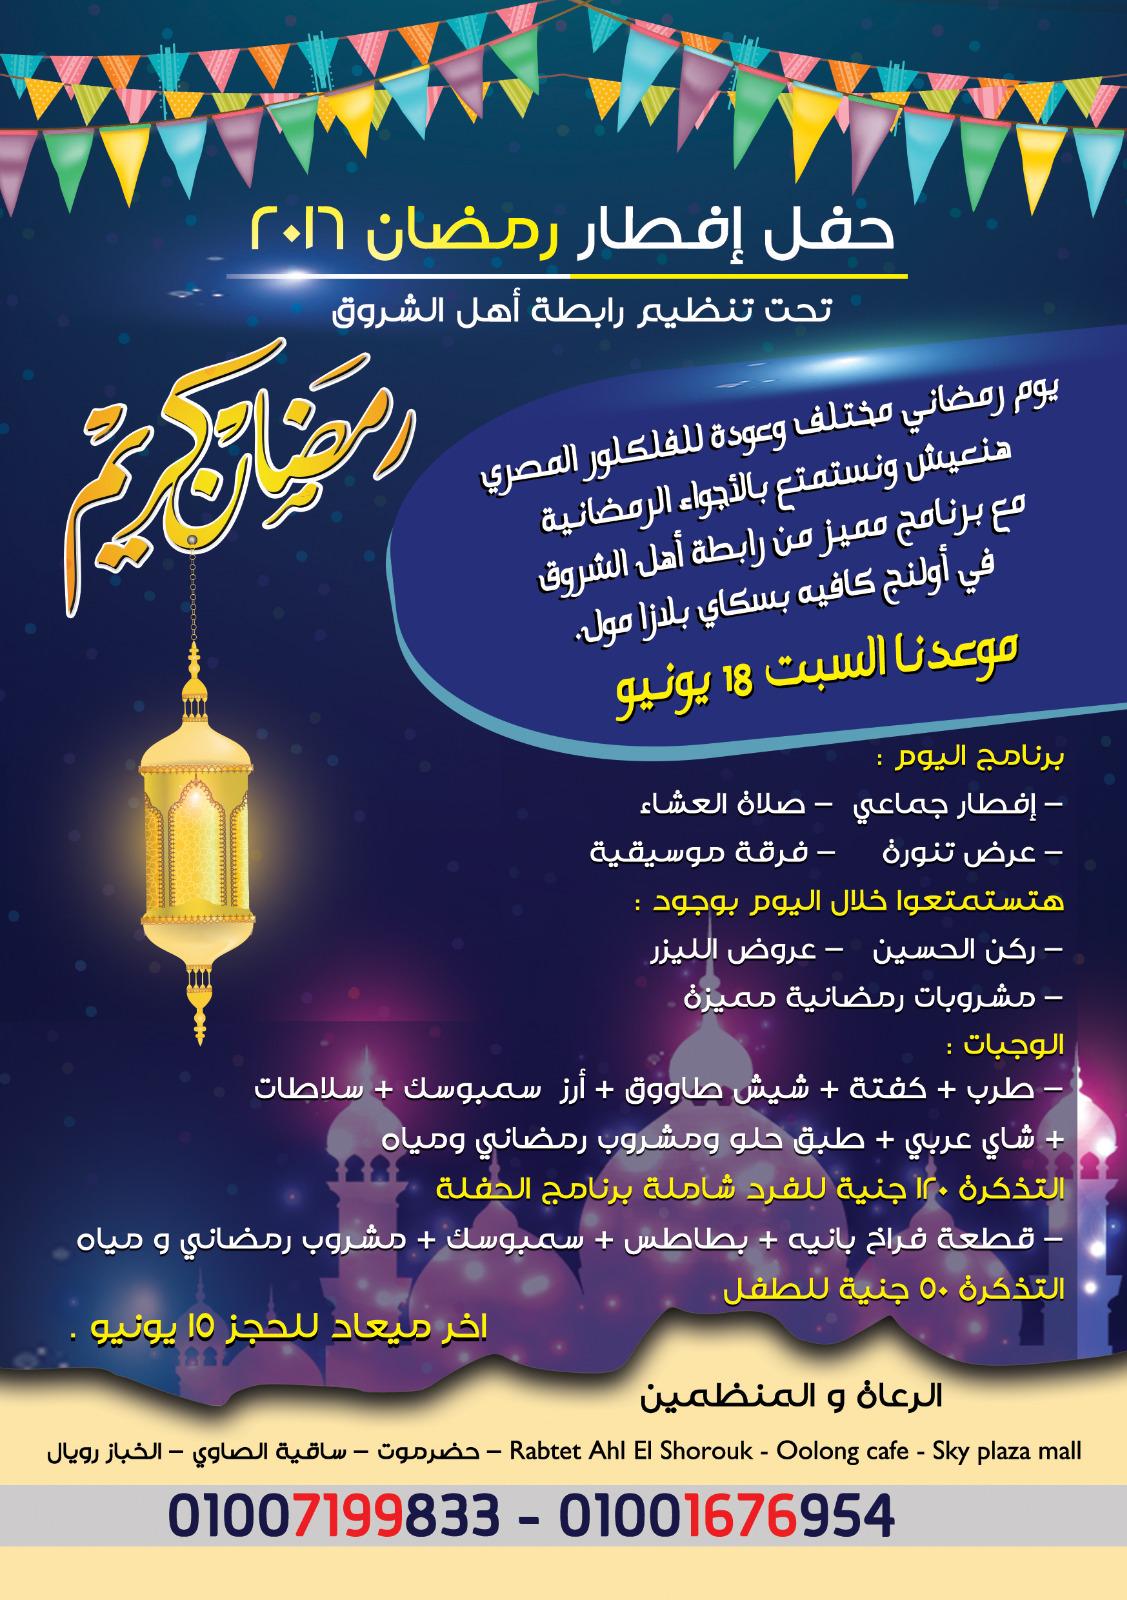 احجز الآن في حفل إفطار رمضان 2016